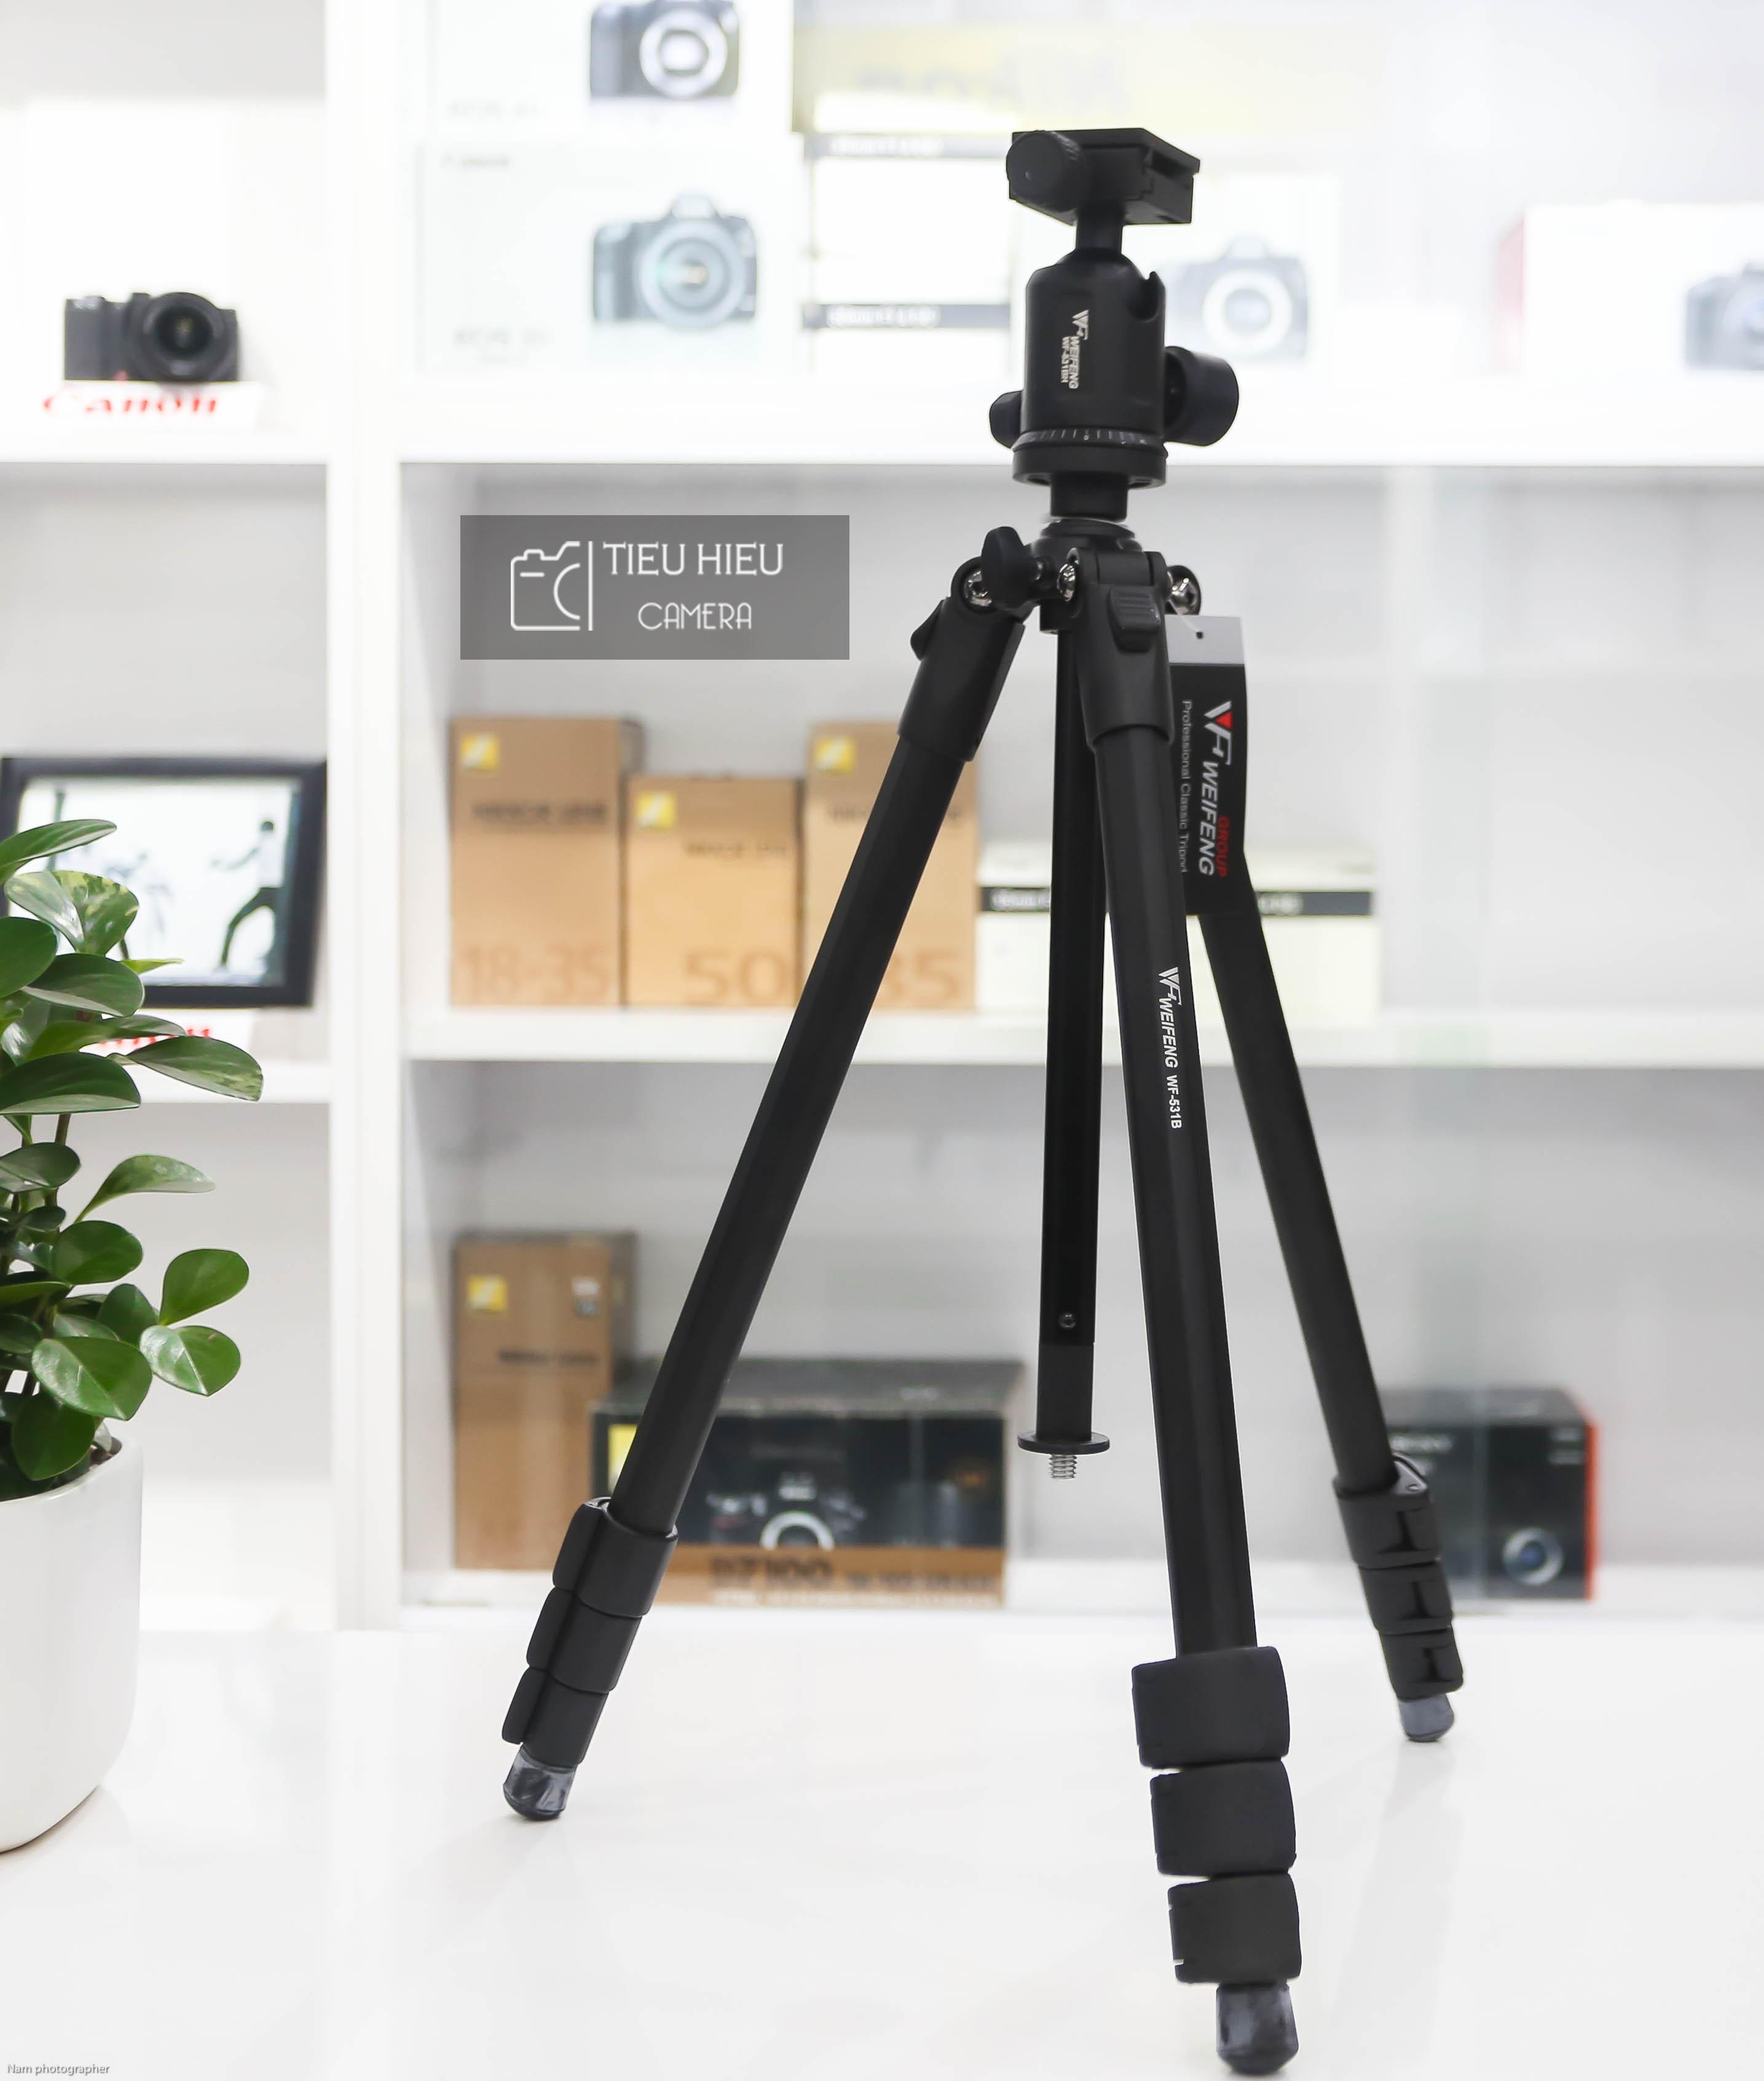 Chân máy ảnh WeiFeng - WF531B